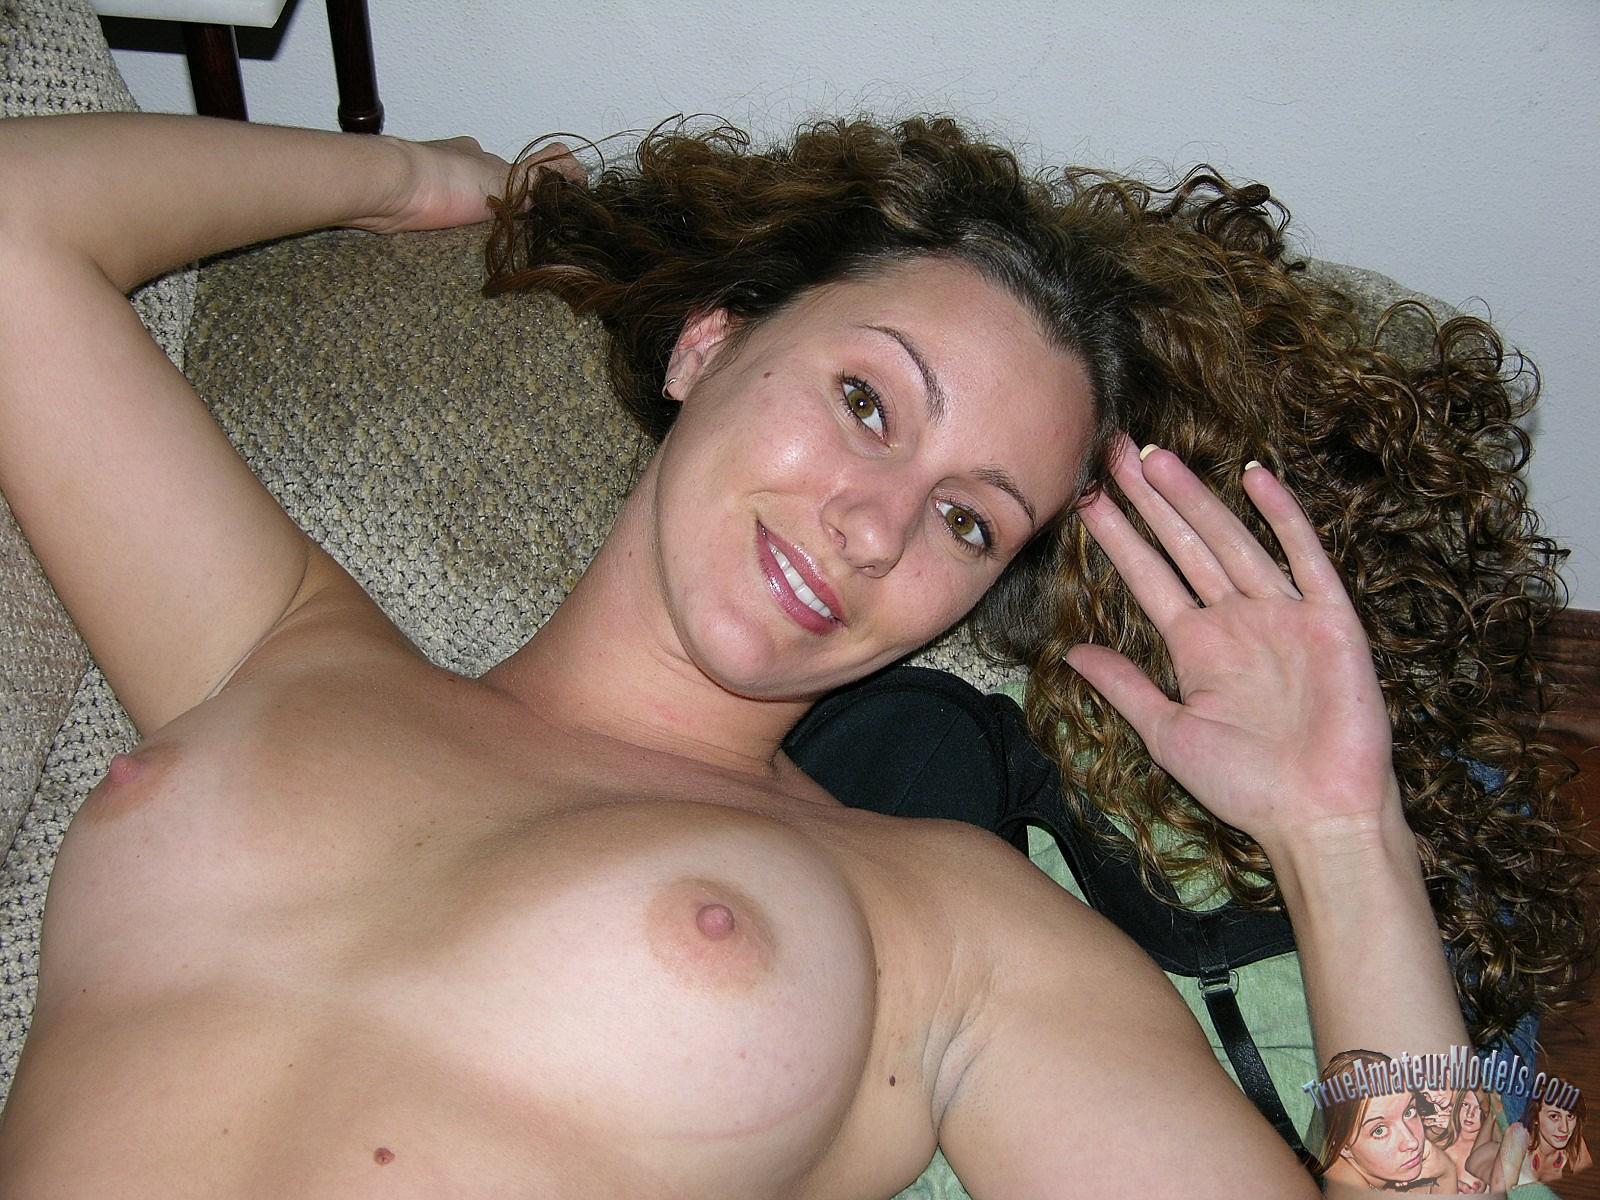 Amateur women nude sites